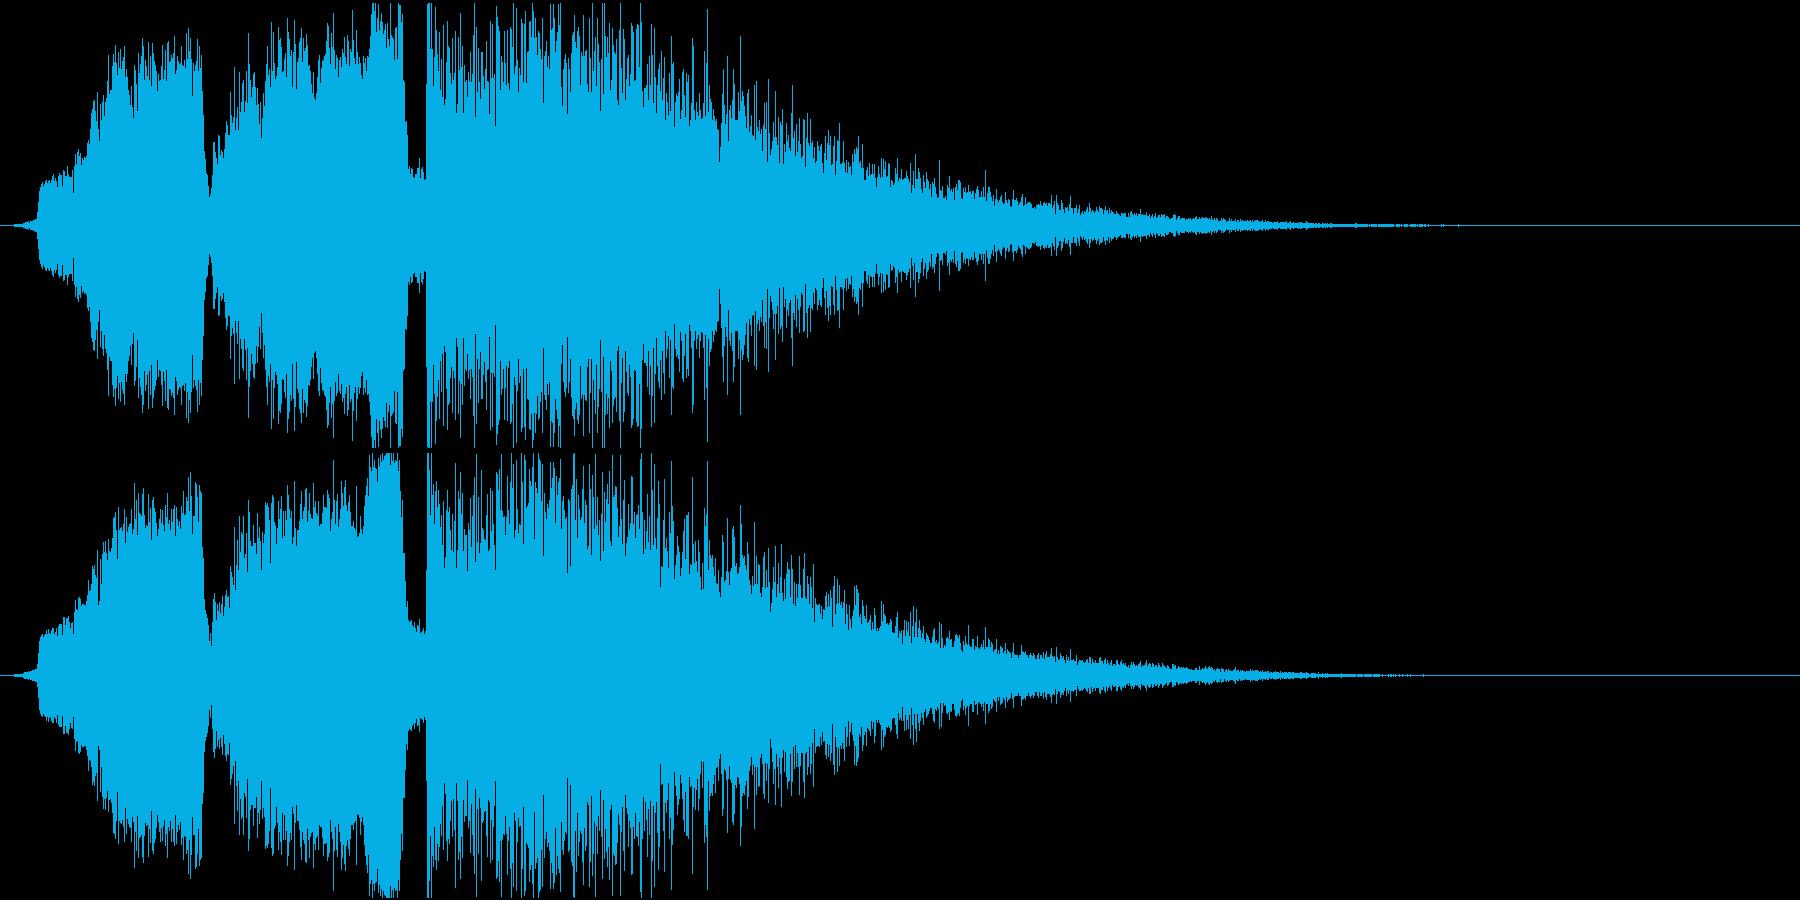 シュインシュインドワーン 衝撃音の再生済みの波形